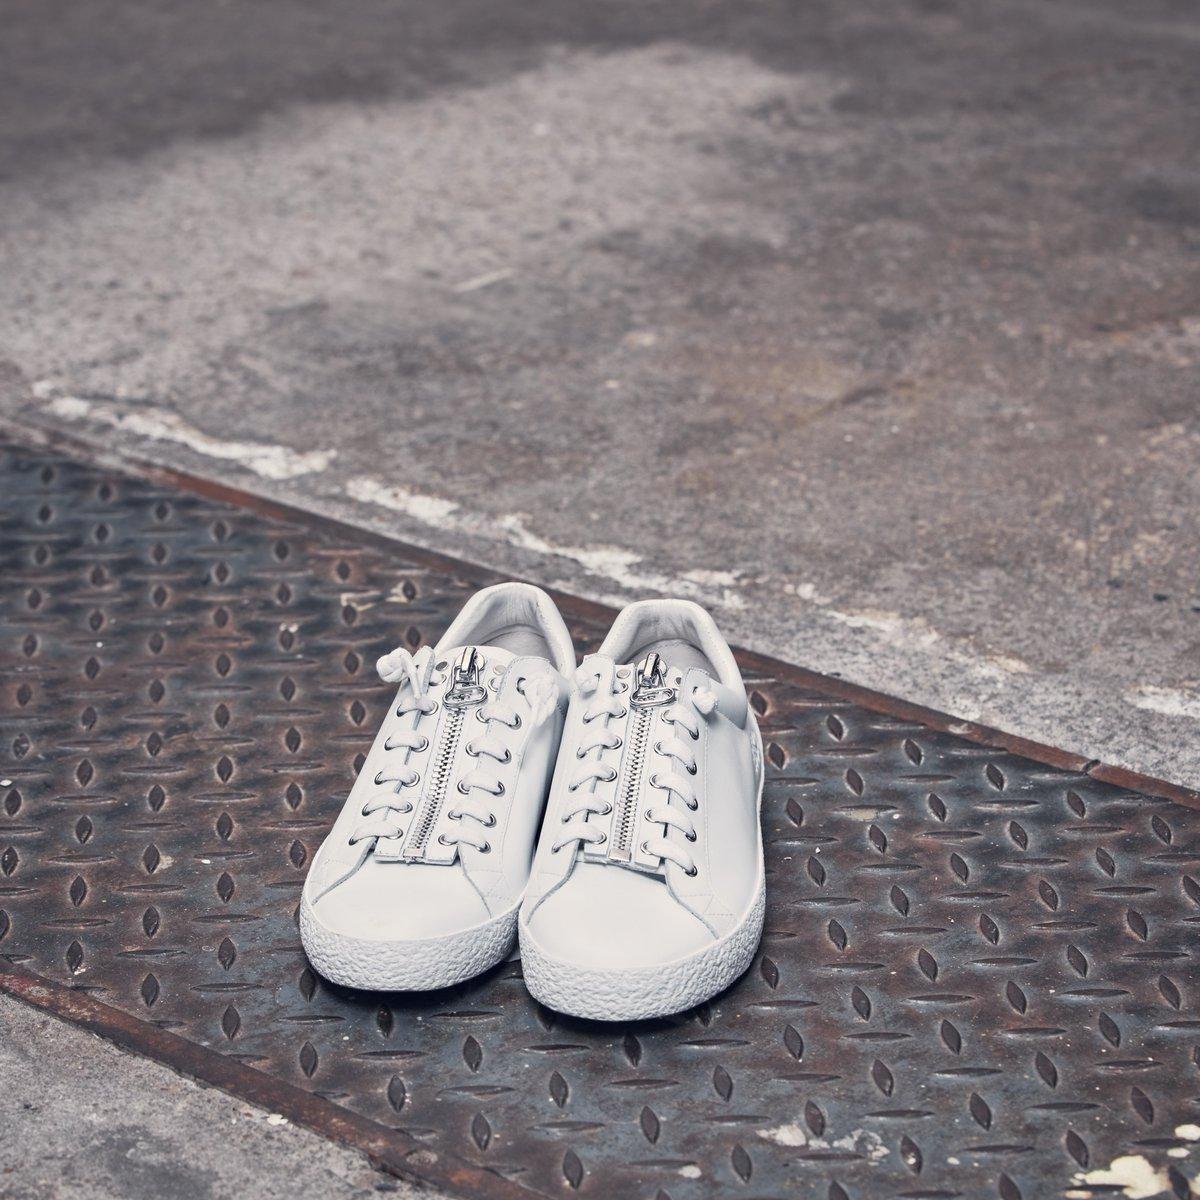 6cb01a3341b Ash Footwear UK on Twitter: